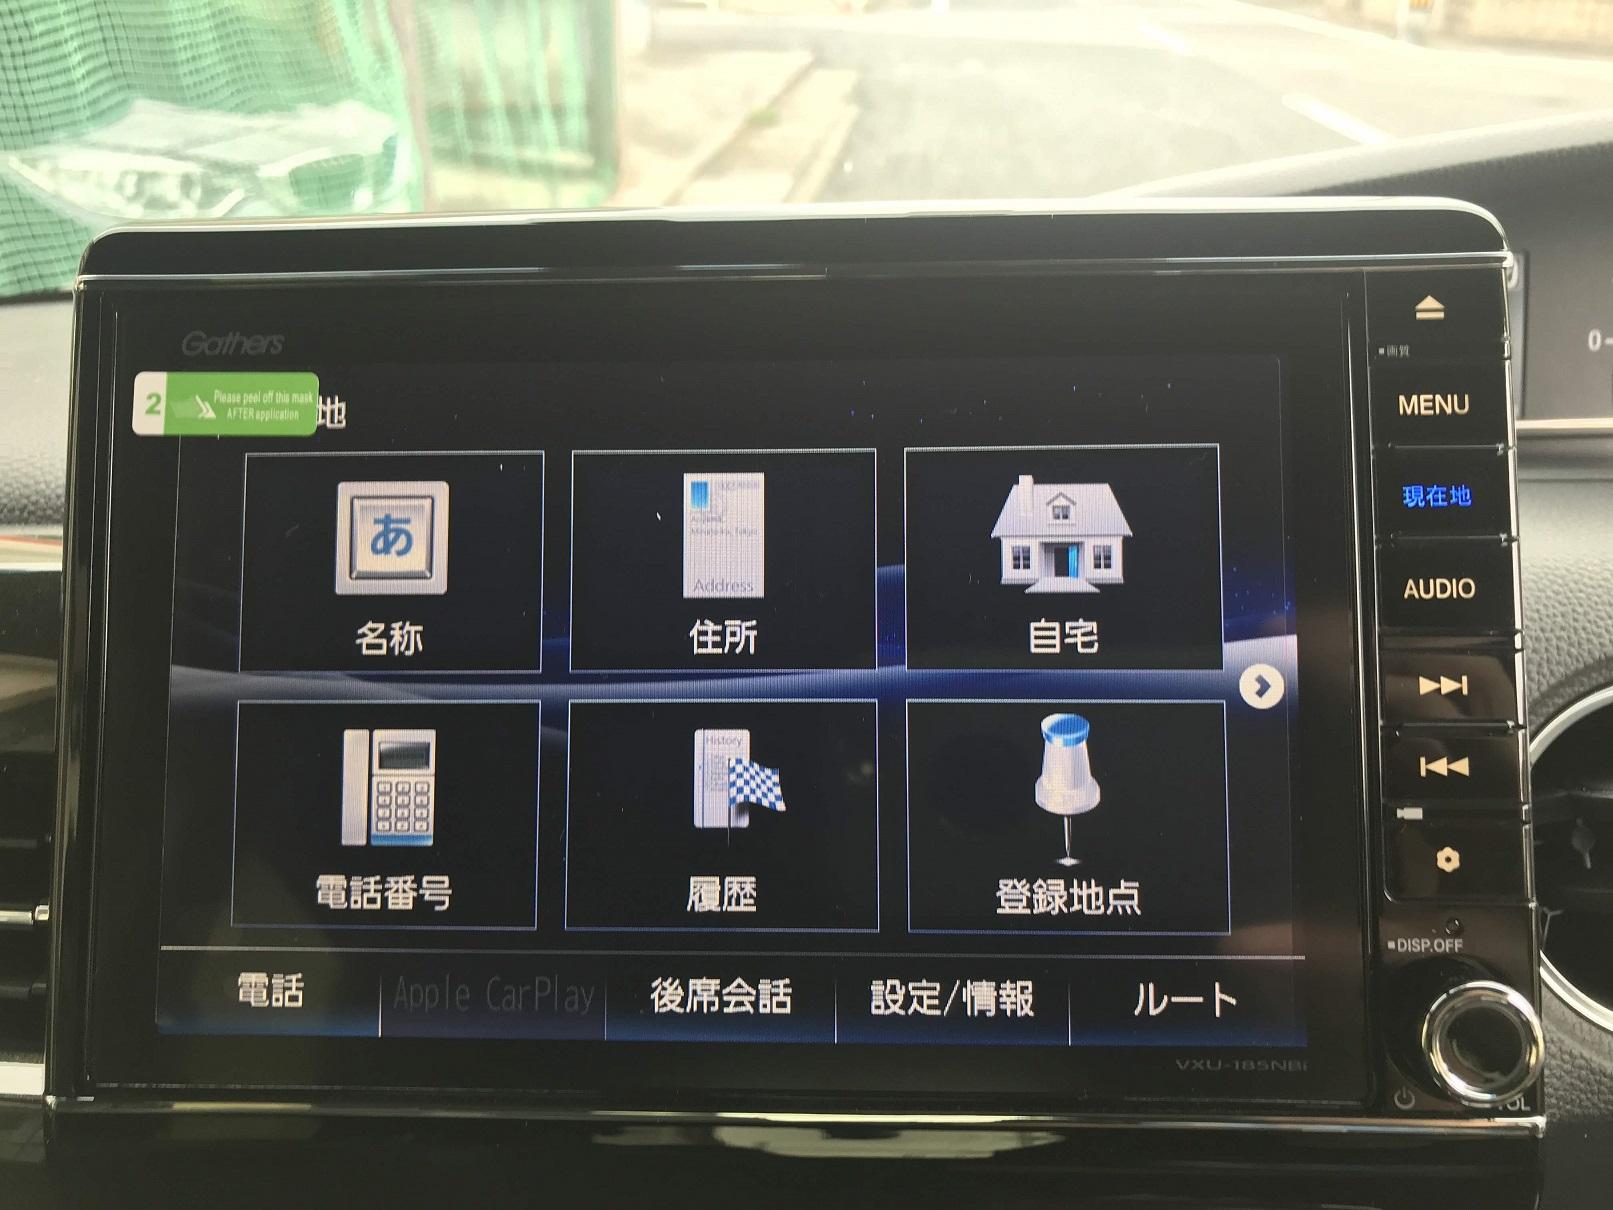 ホンダ純正8インチインターナビ「VXU-185NBi」の液晶画面に保護フィルム貼りました^^